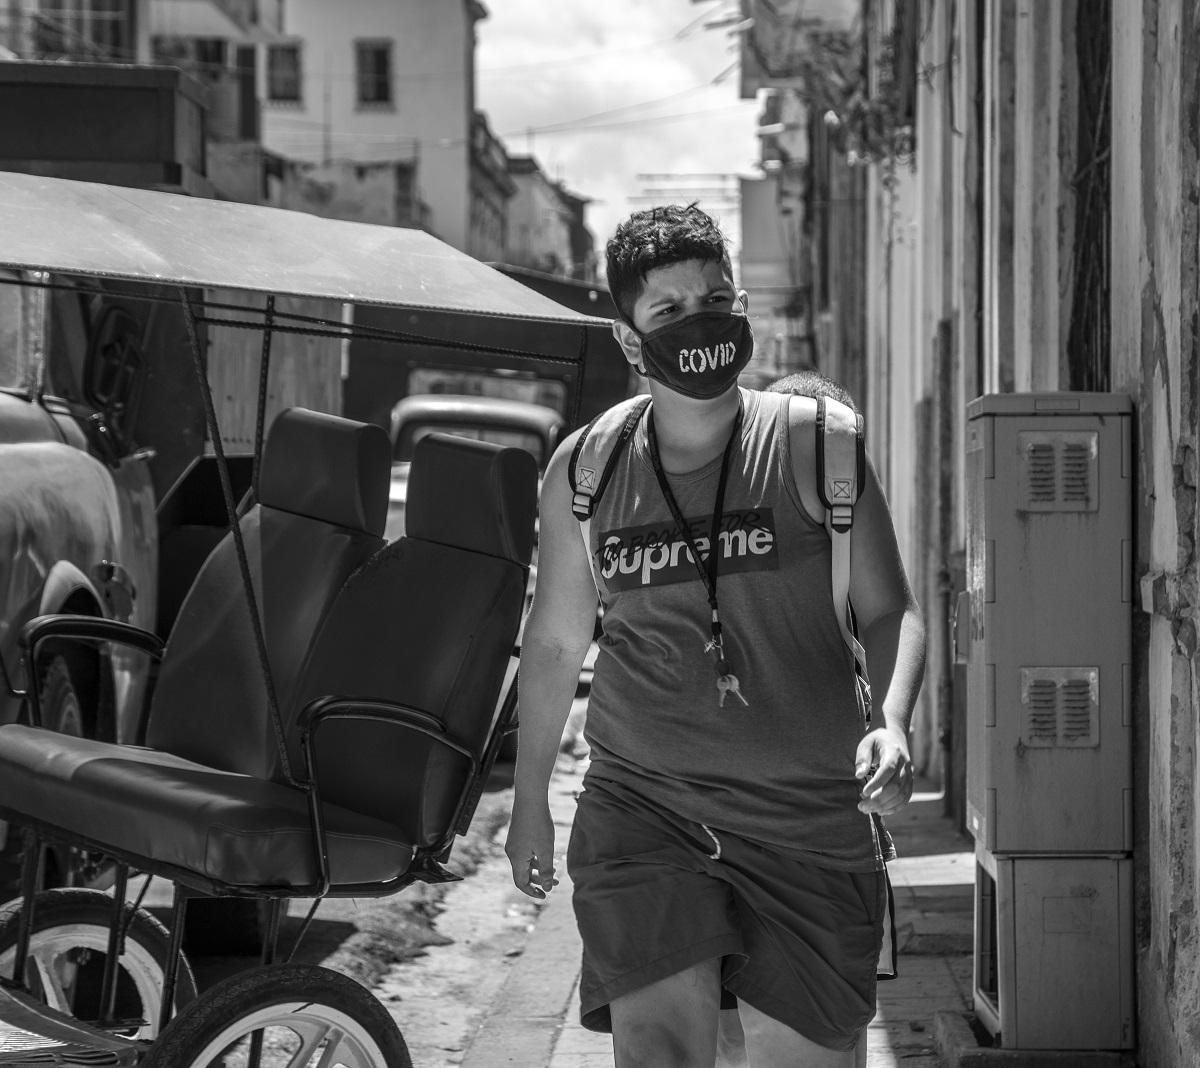 Photo noir et blanc. Un adolescent marche sur un trottoir, il porte un masque portant l'inscription COVID. Un bicytaxi est stationné dans la rue.